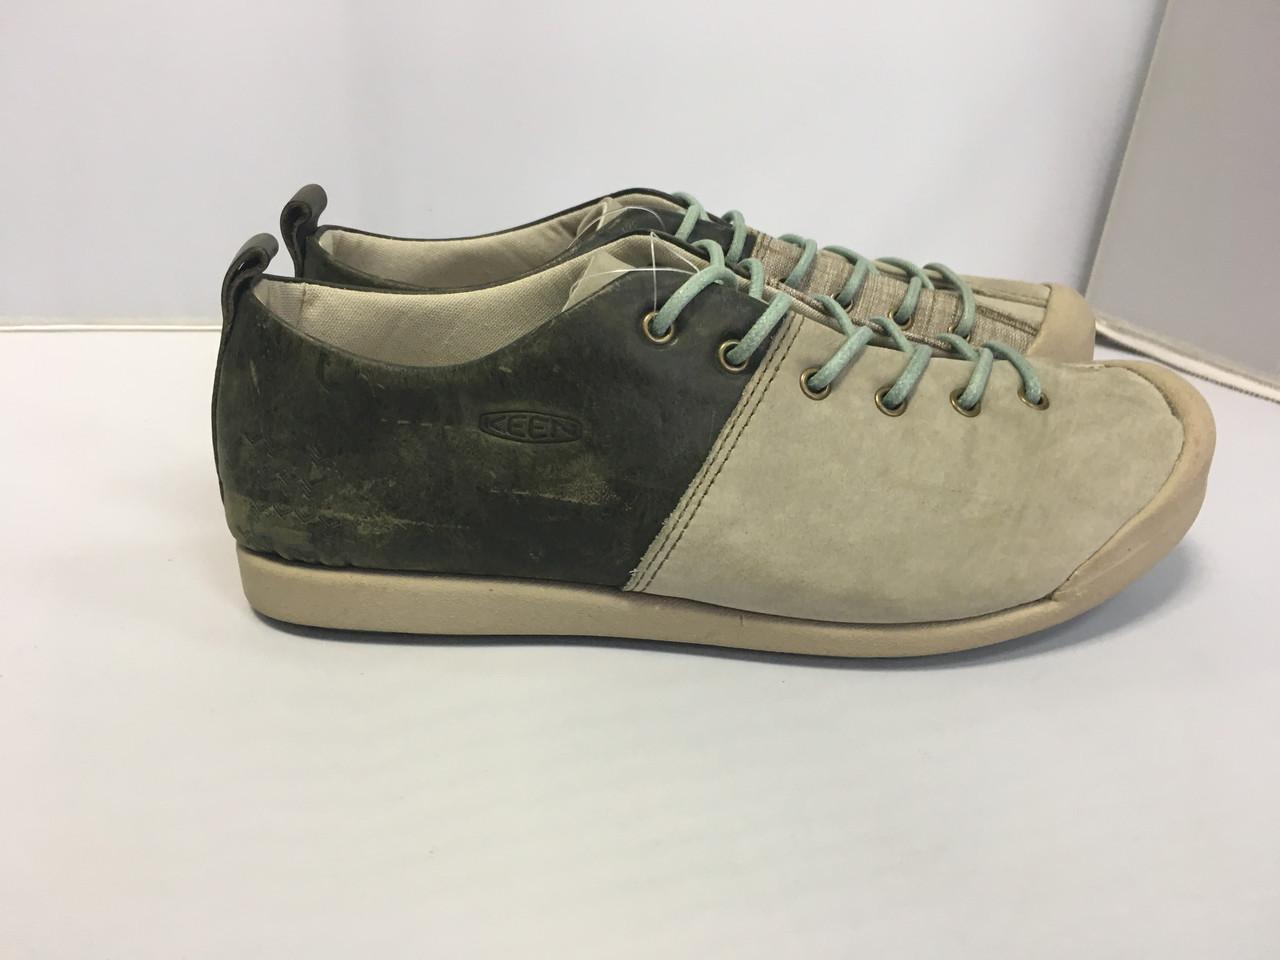 Женские туфли Keen, 37,5 размер